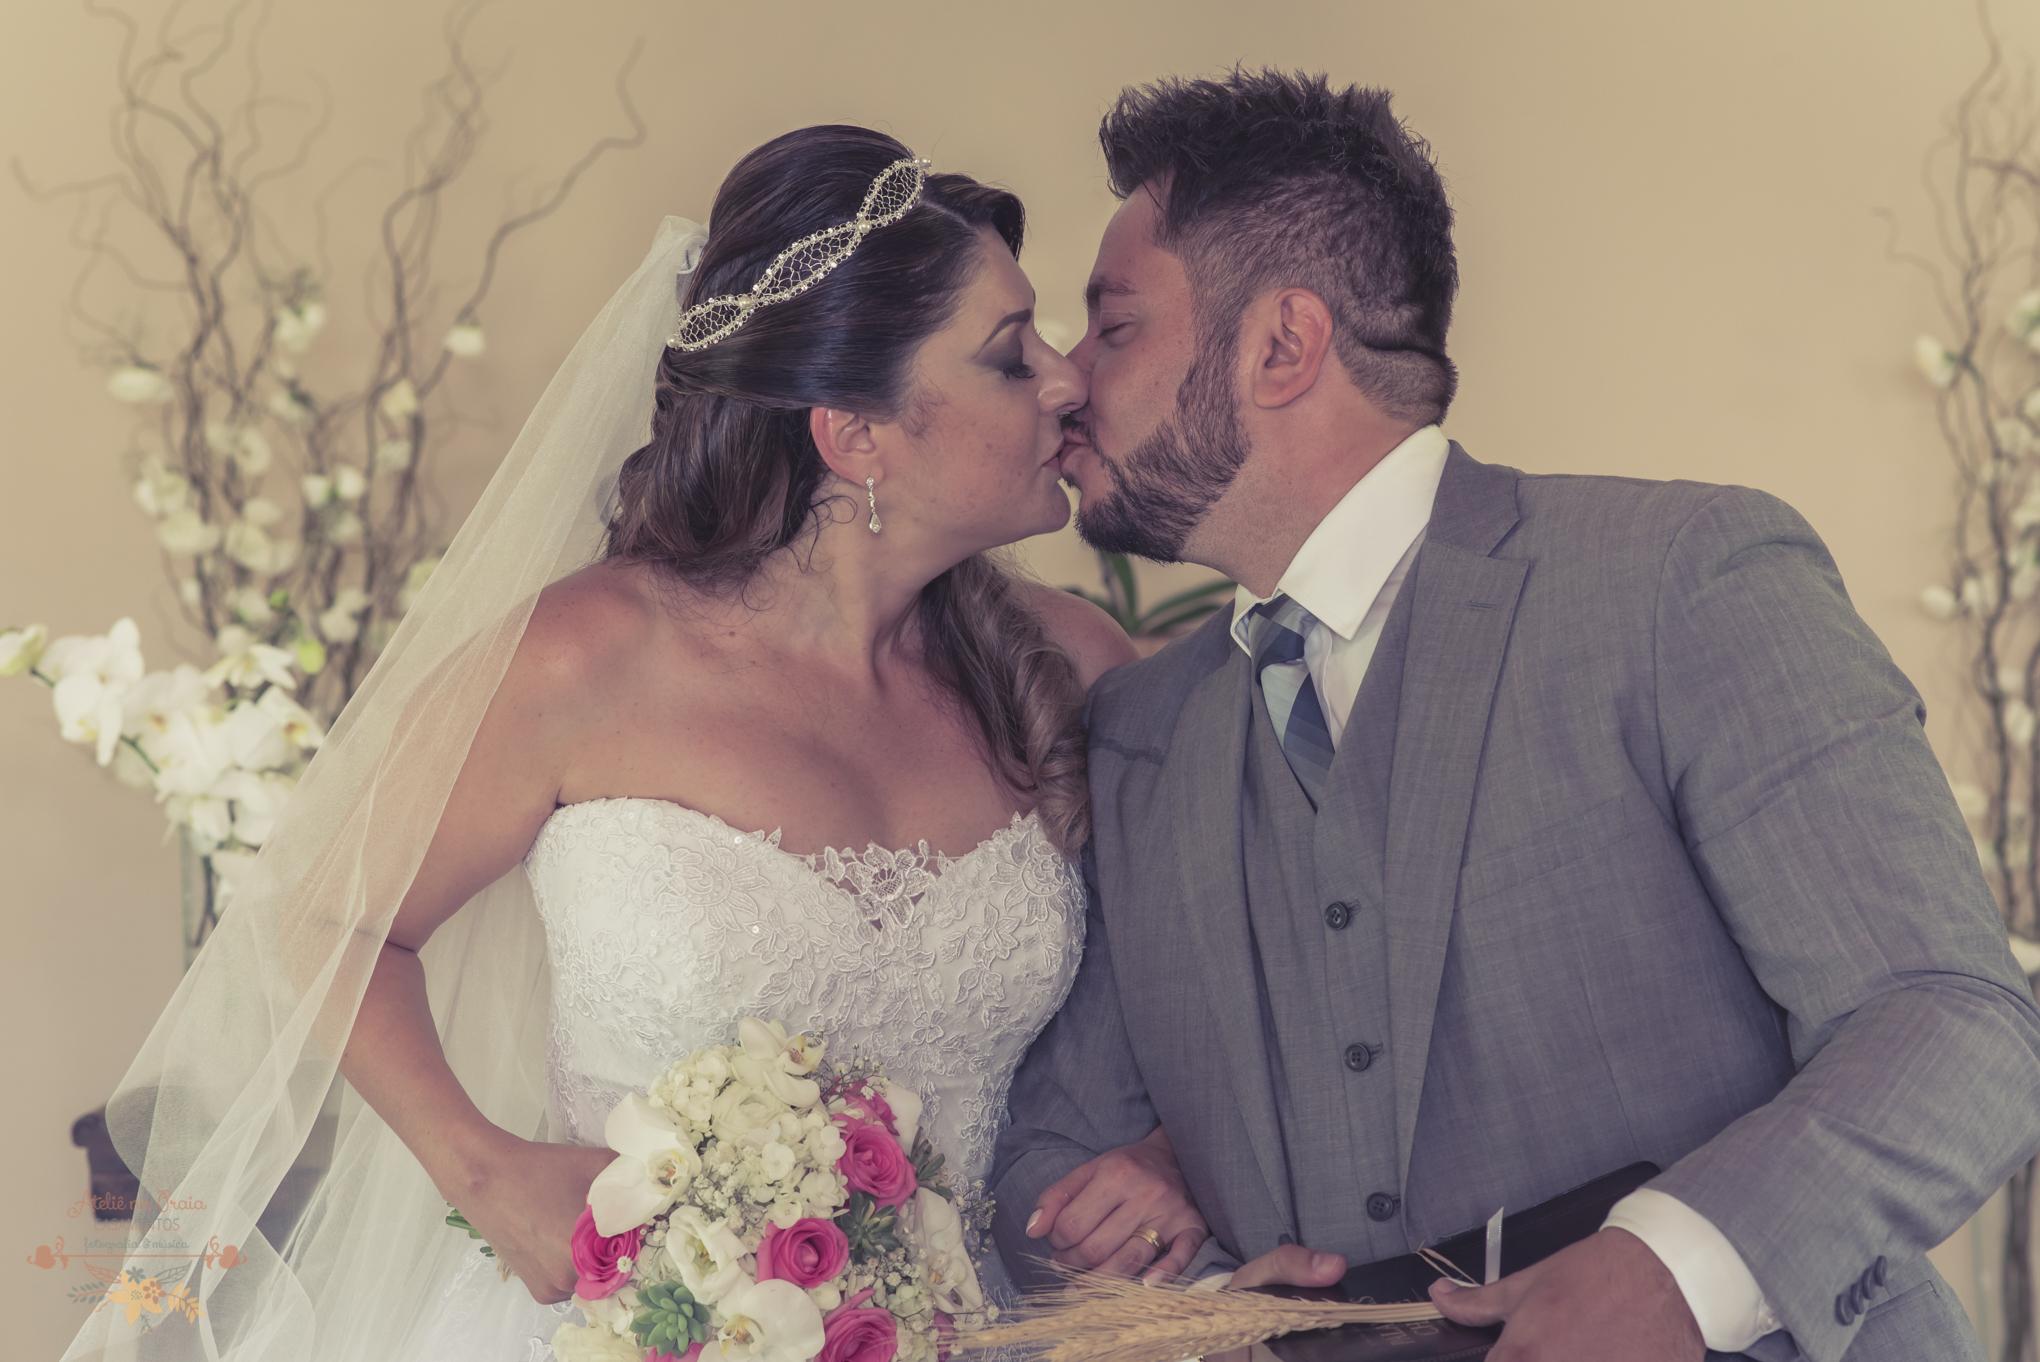 04-Atelie-na-Praia-Casamento-Yasmine-Anderson-1141